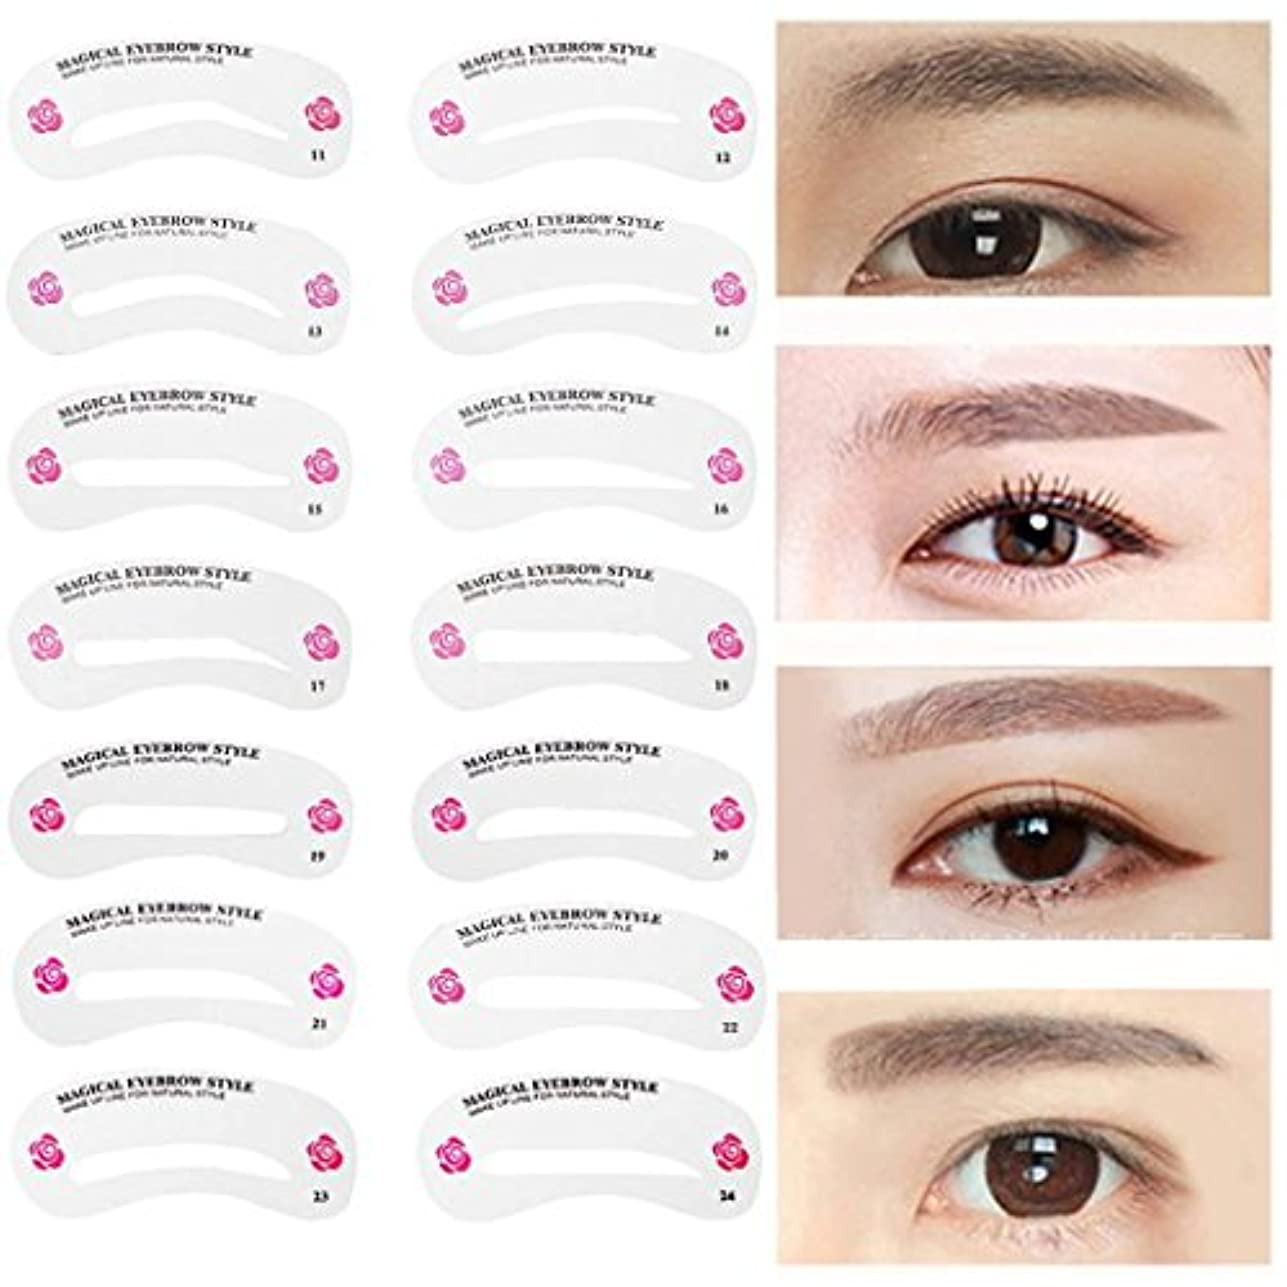 経験虚栄心能力MNoel 24種類 眉毛テンプレート24枚セット 太眉対応 24パターン 眉毛を気分で使い分け 眉用ステンシル